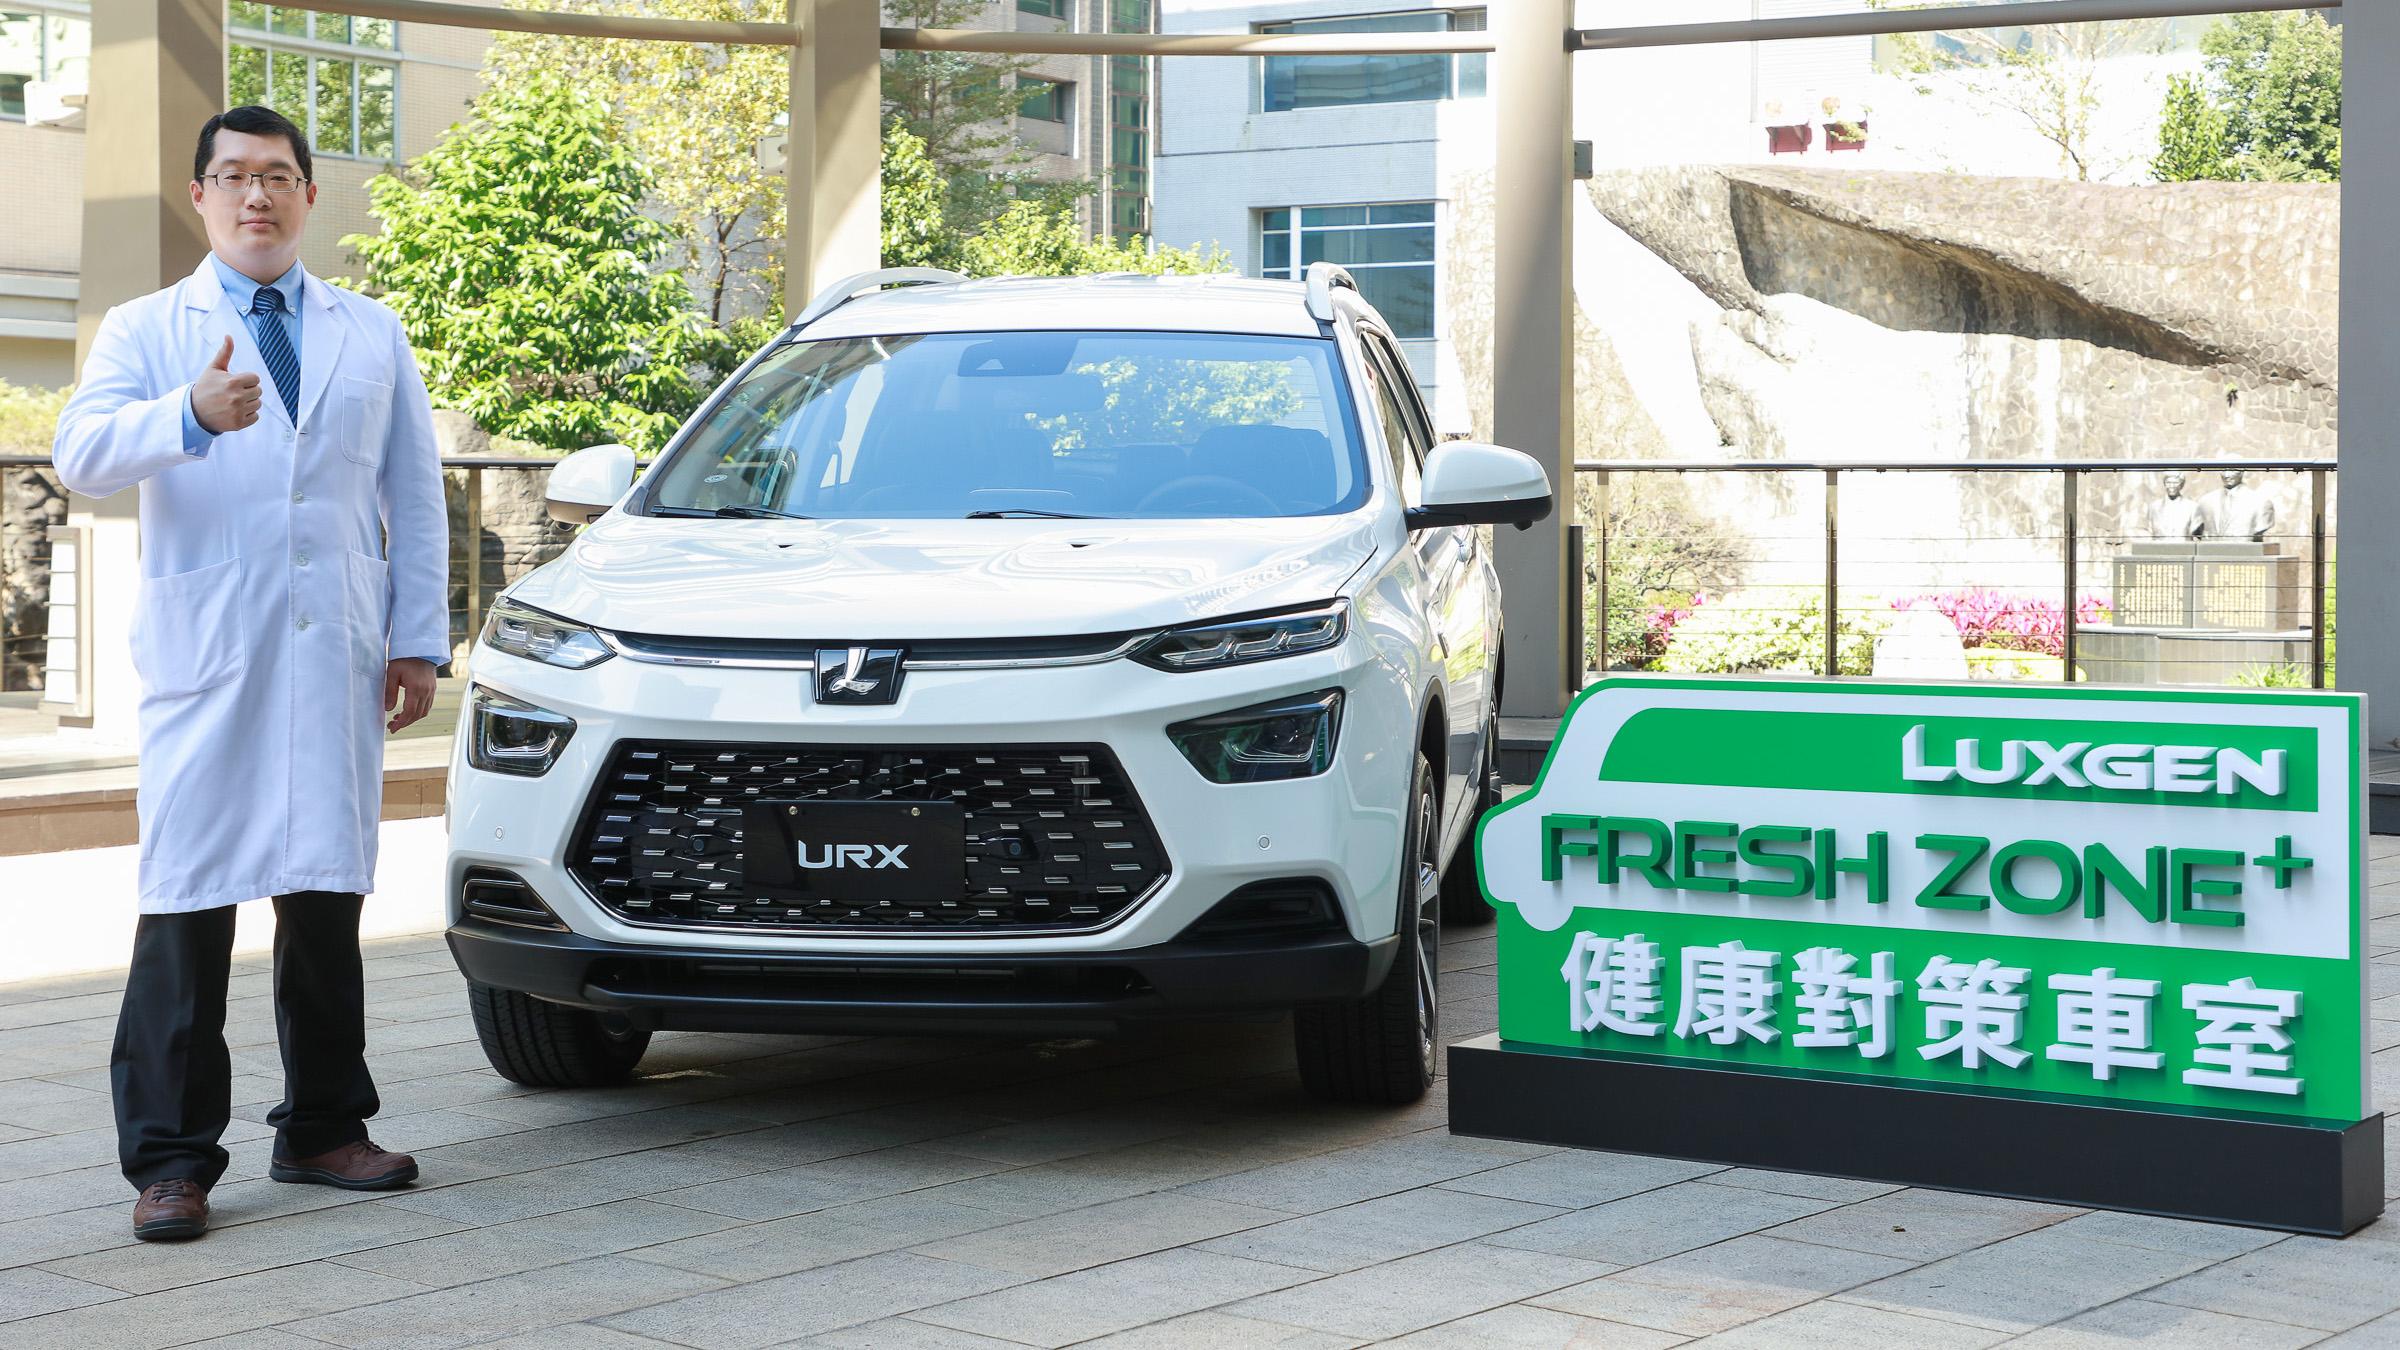 「Luxgen Fresh Zone+健康對策」URX 健康特仕版 98.8 萬起,全車系再送空氣清淨機